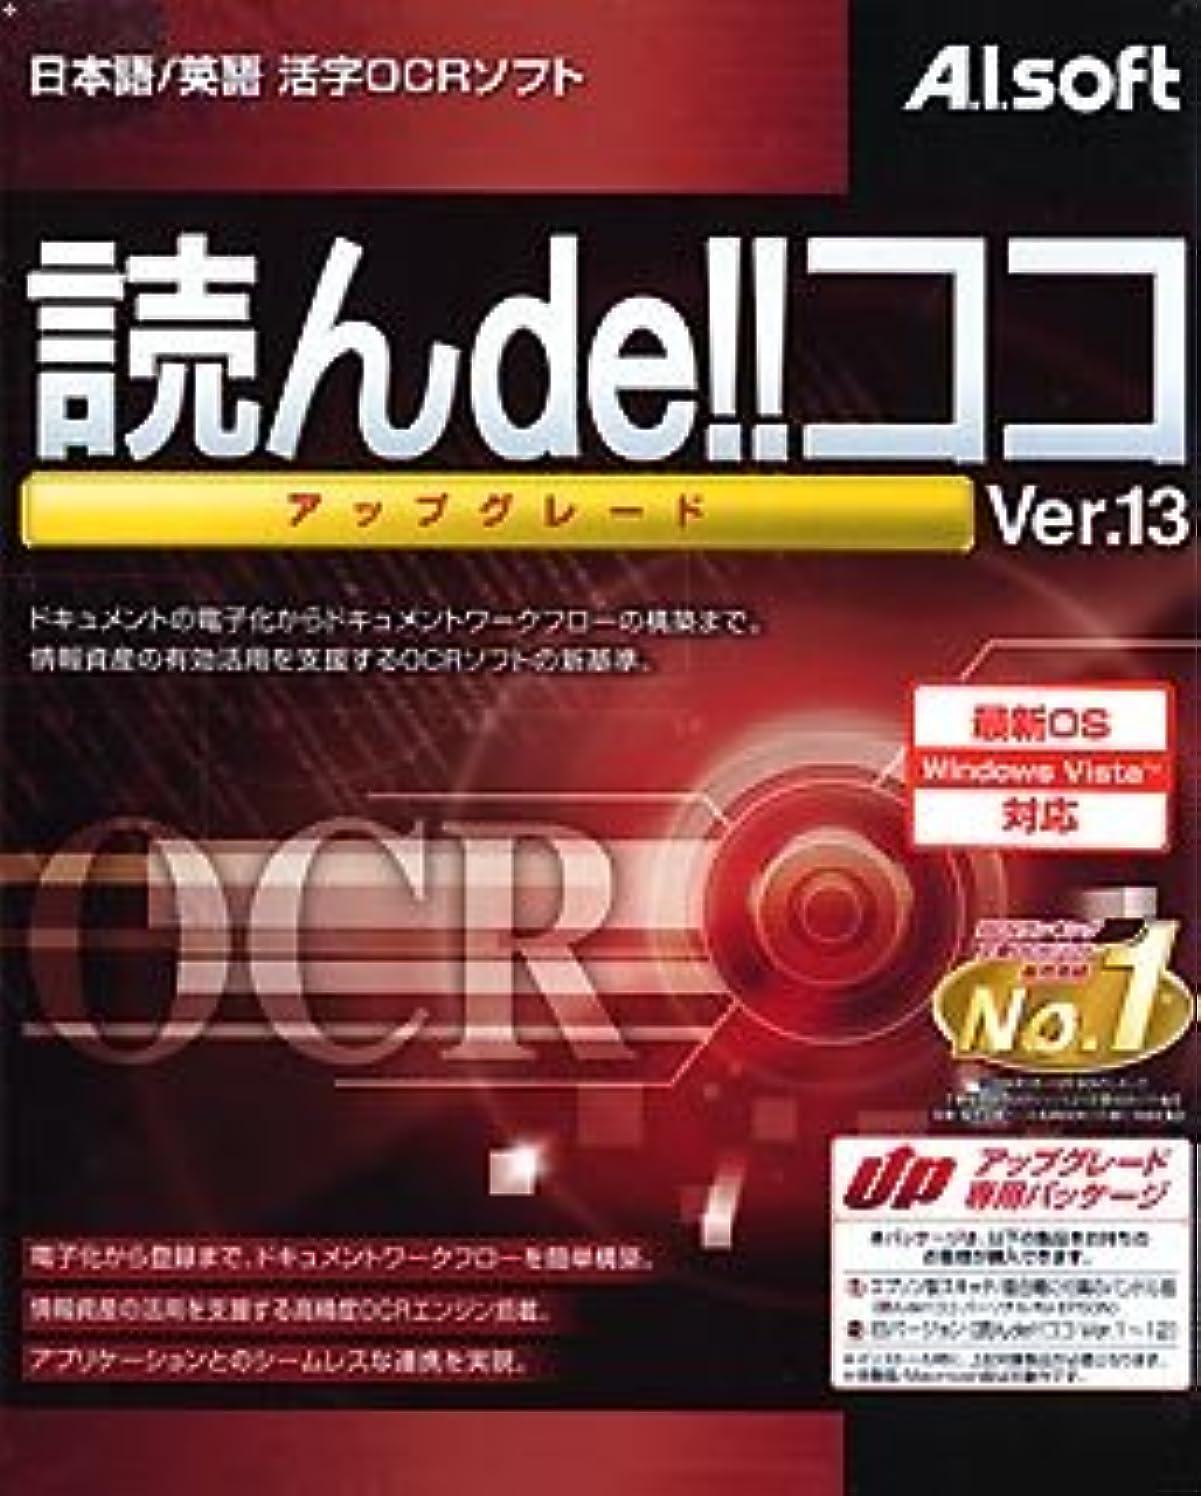 レインコート回路悪夢読んde!!ココ Ver.13 アップグレード版